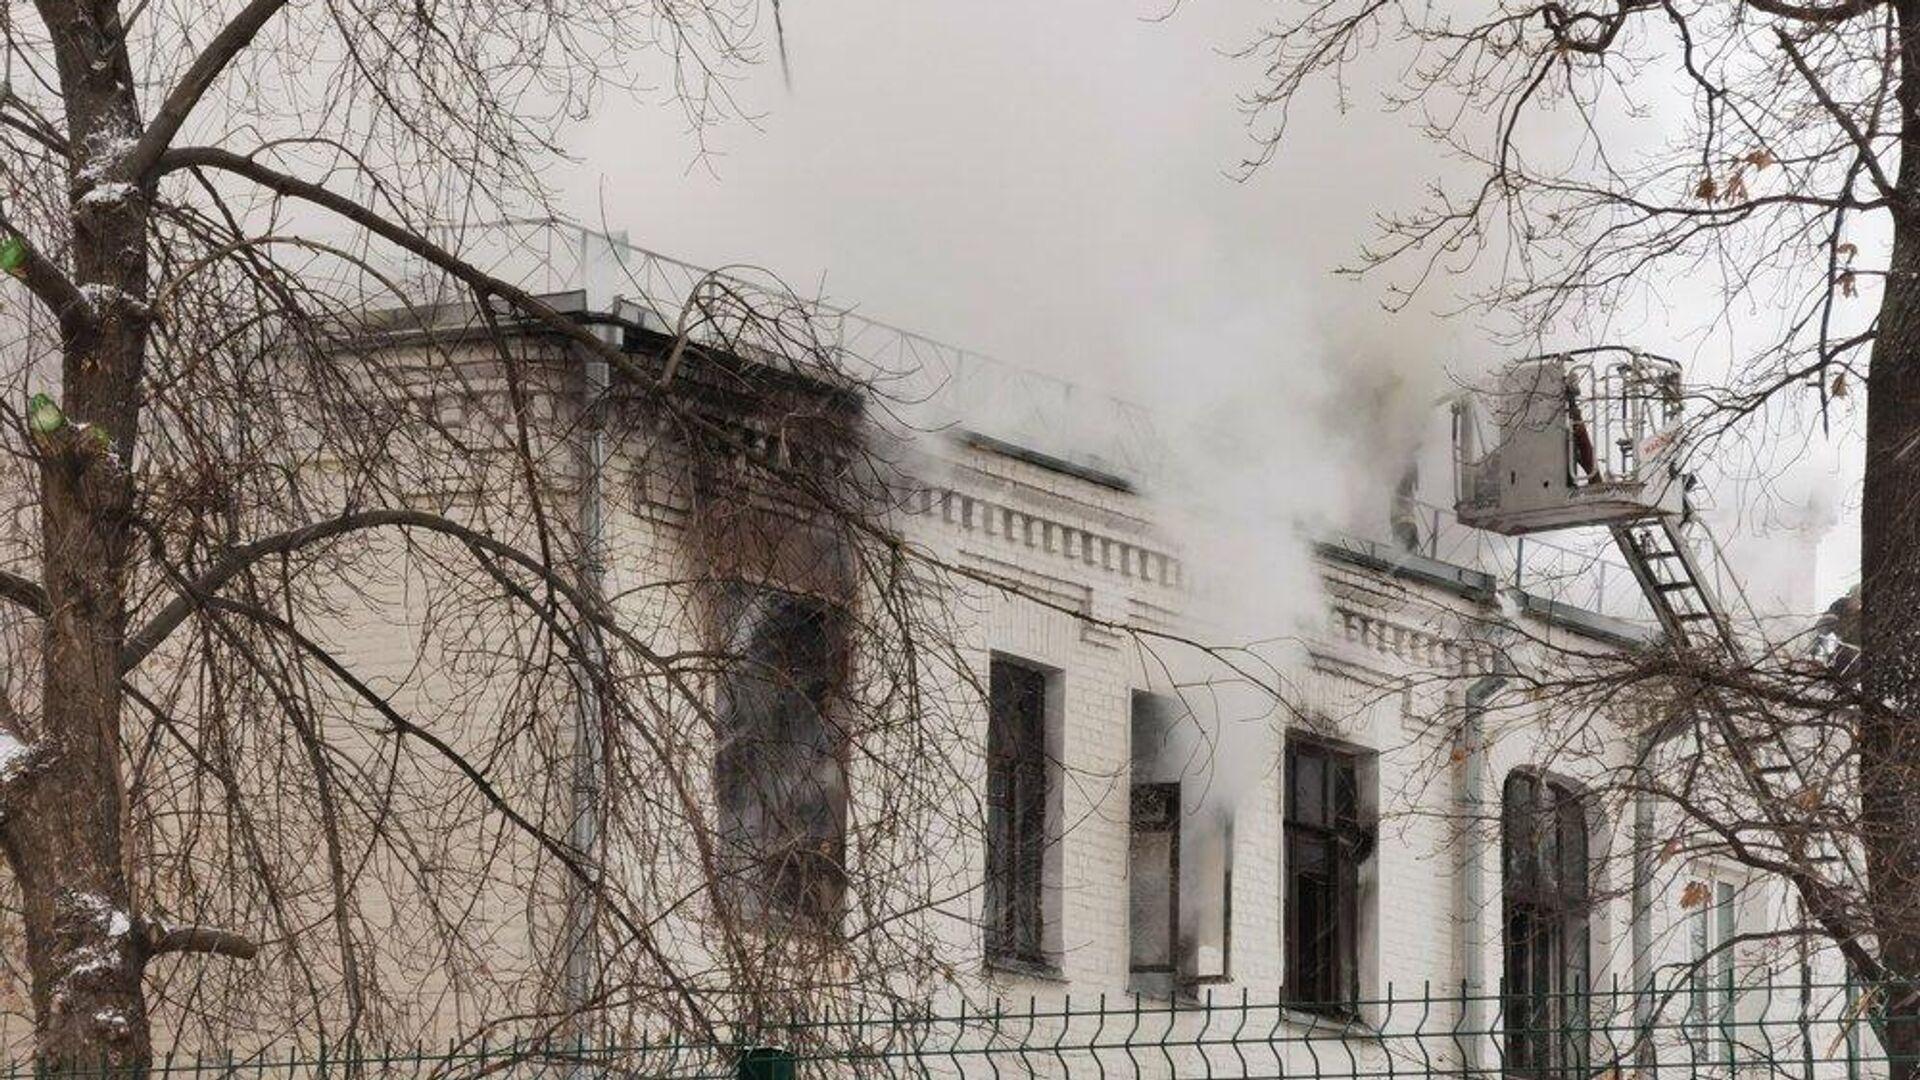 Работа оперативных служб на месте пожара в жилом доме на Цветном бульваре. - РИА Новости, 1920, 13.12.2020